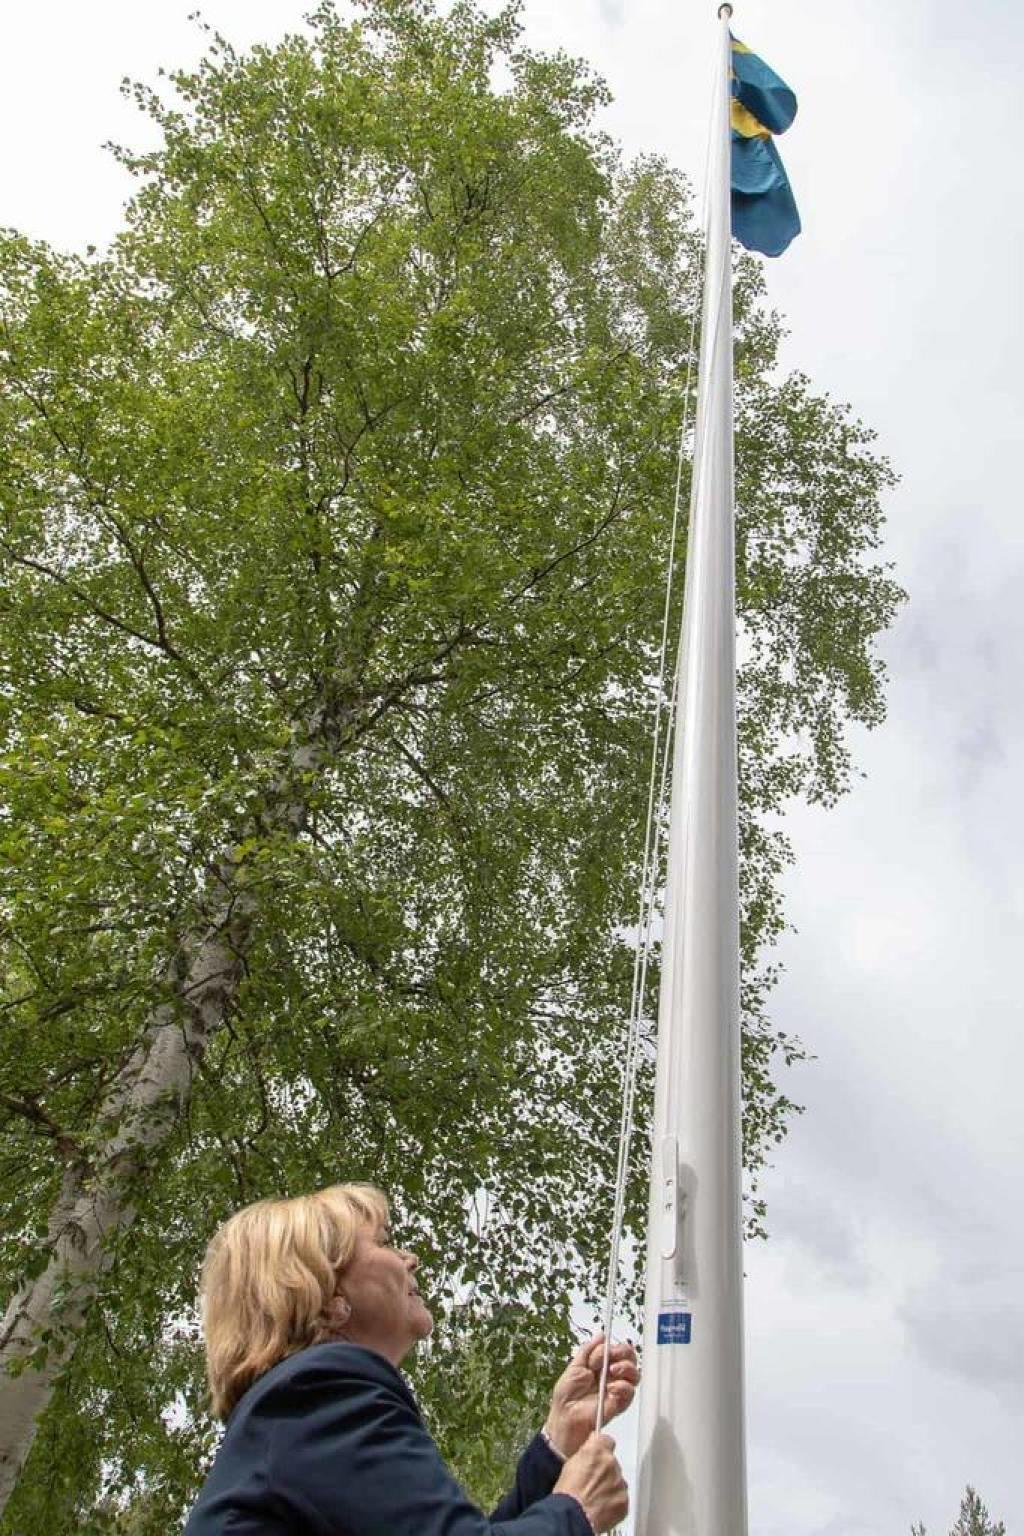 Beatrice Ask hälsade välkommen med ett litet tal och det var även hon som hissade flaggan medan alla tillsammans sjöng nationalsången. Foto: Morgan Grip